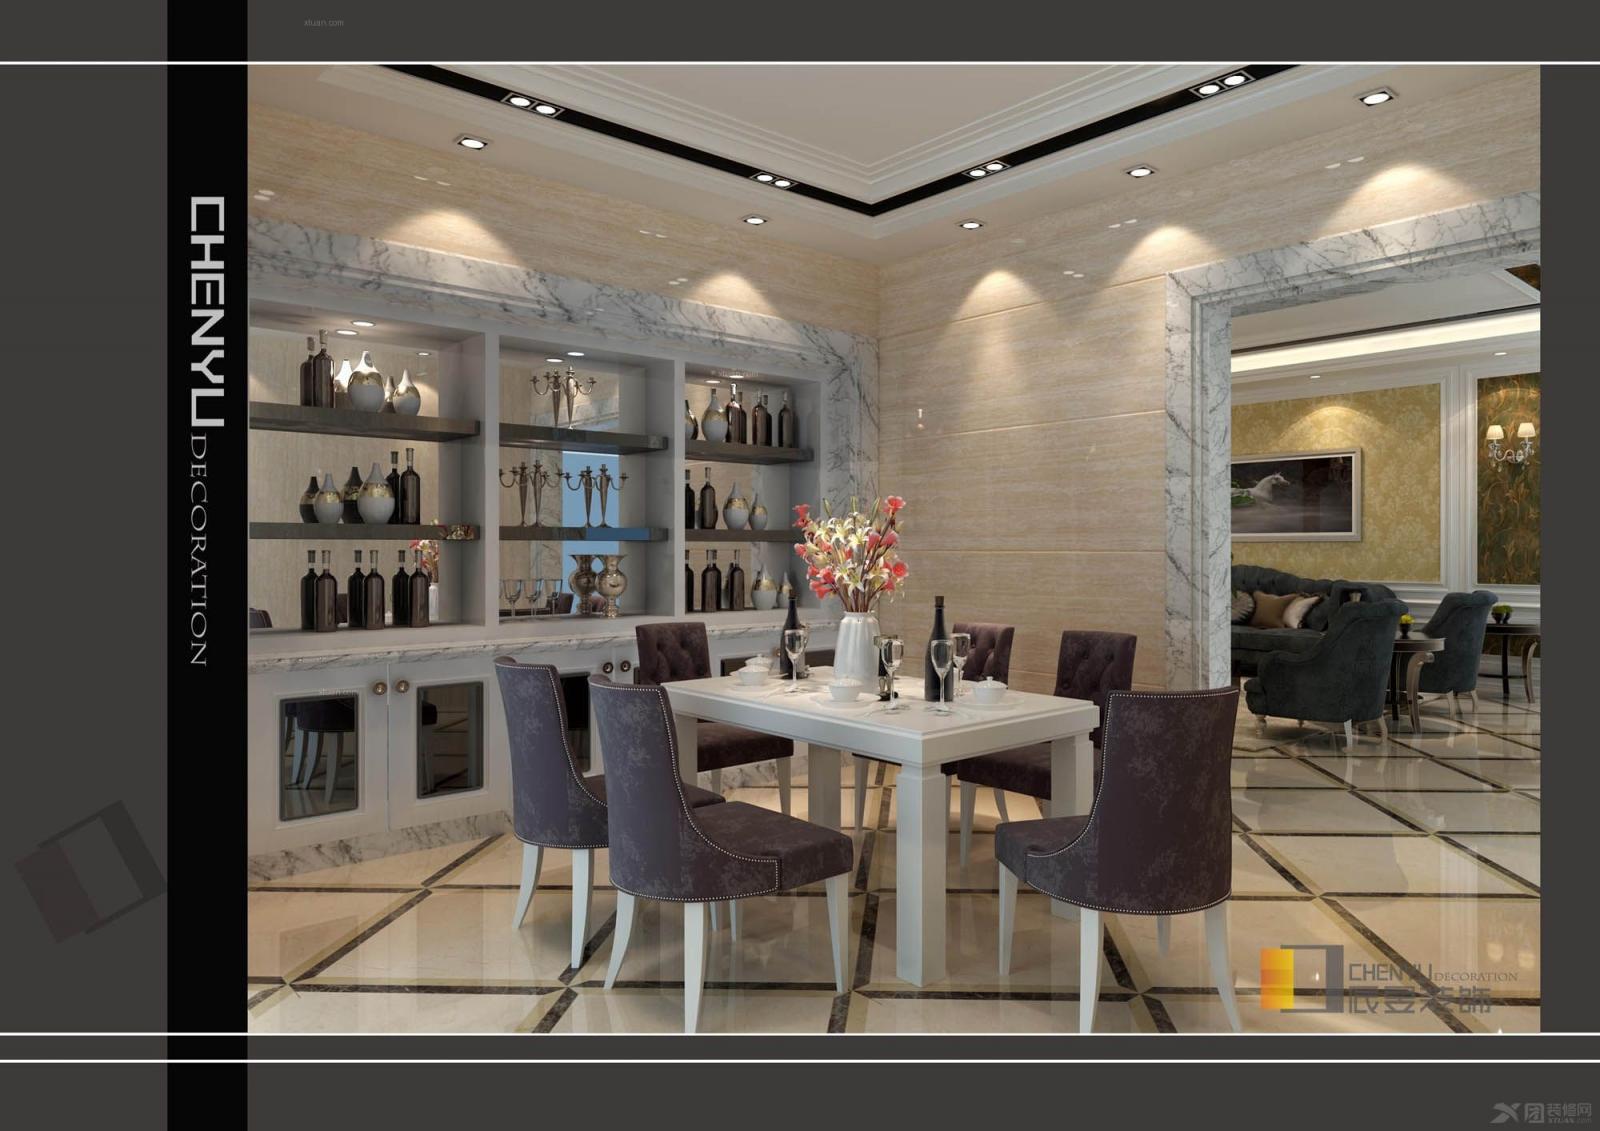 复式楼欧式风格餐厅_珠坑颜总豪宅装修效果图-x团装修图片